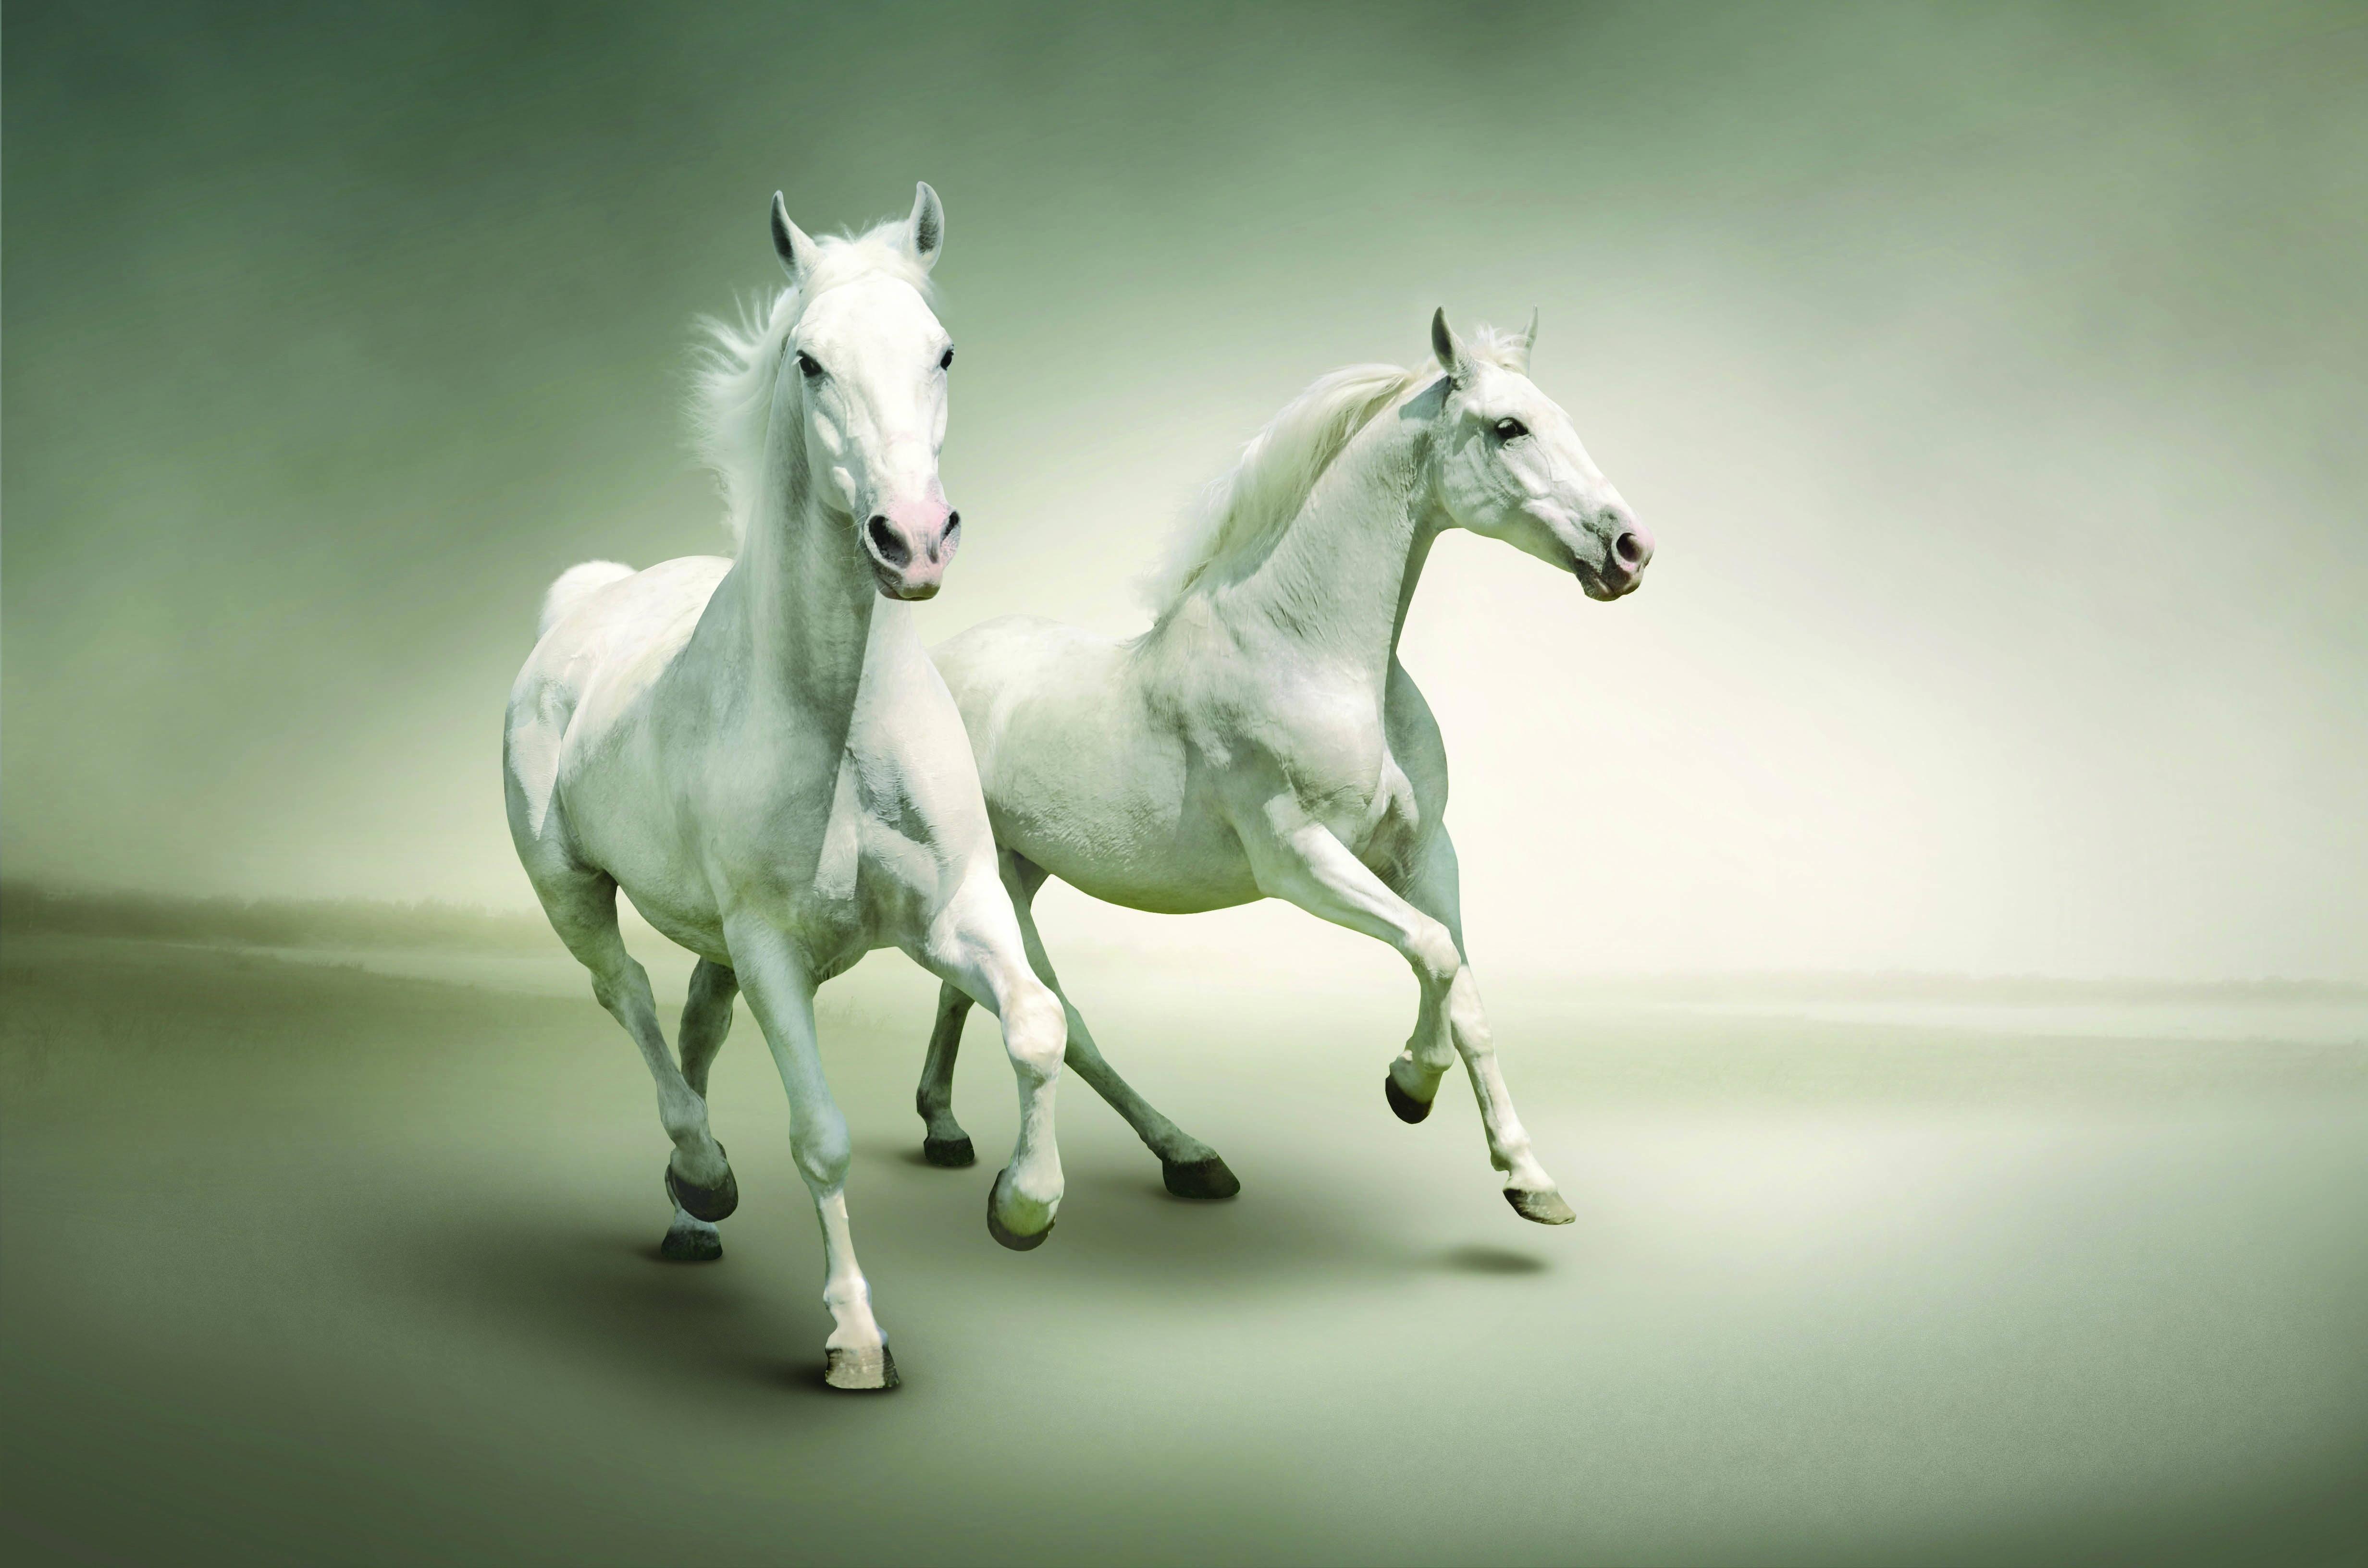 139908 скачать обои Животные, Лошади, Бег, Пара - заставки и картинки бесплатно